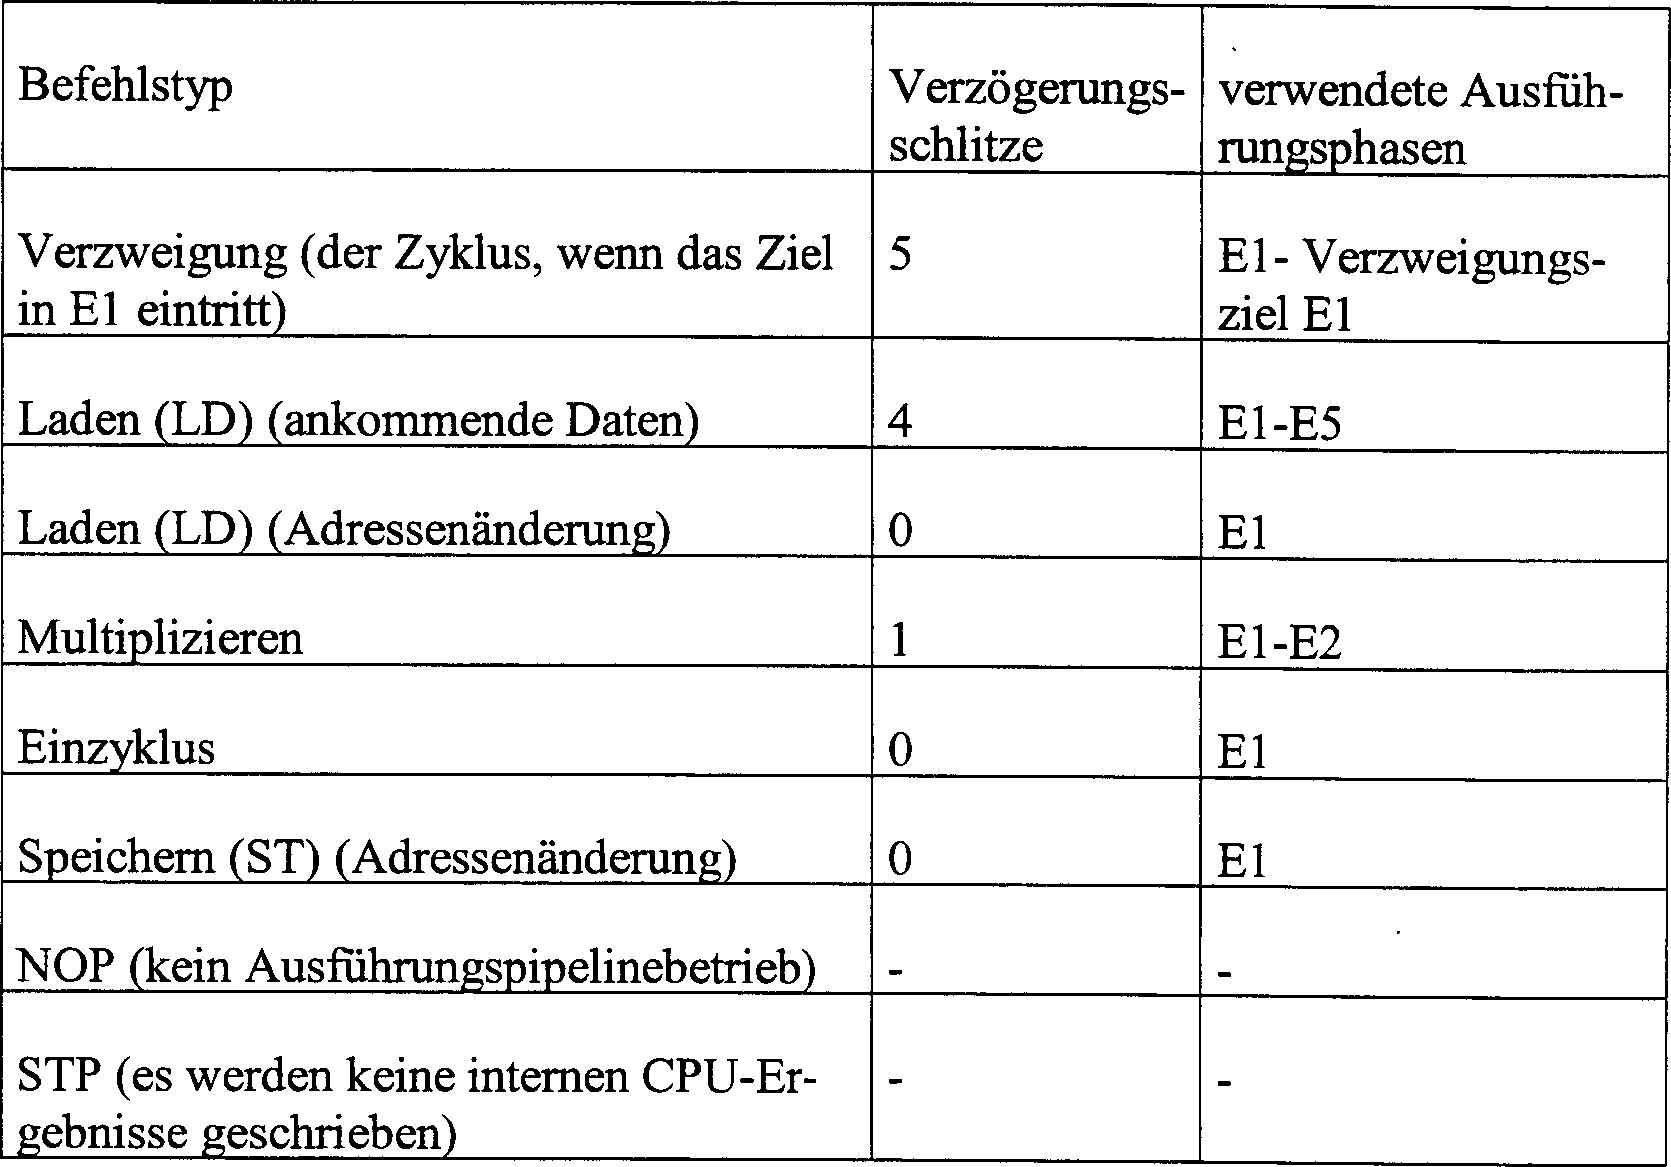 Charmant Gemeinsamen Kern Einer Tabelle 4Klasse In Mathe Ideen ...